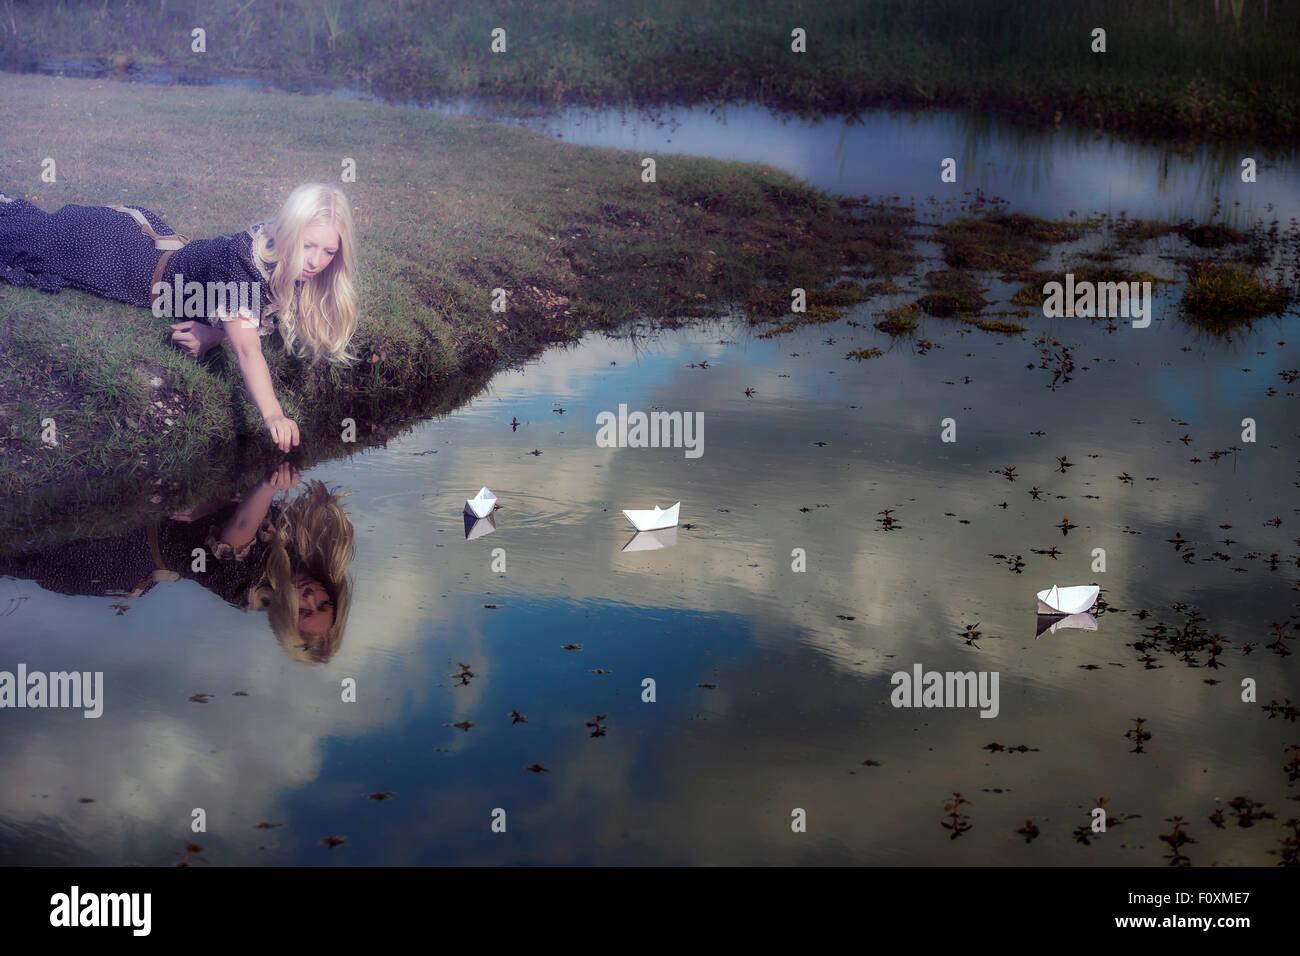 Una chica con tres barquitos de papel en un estanque Imagen De Stock